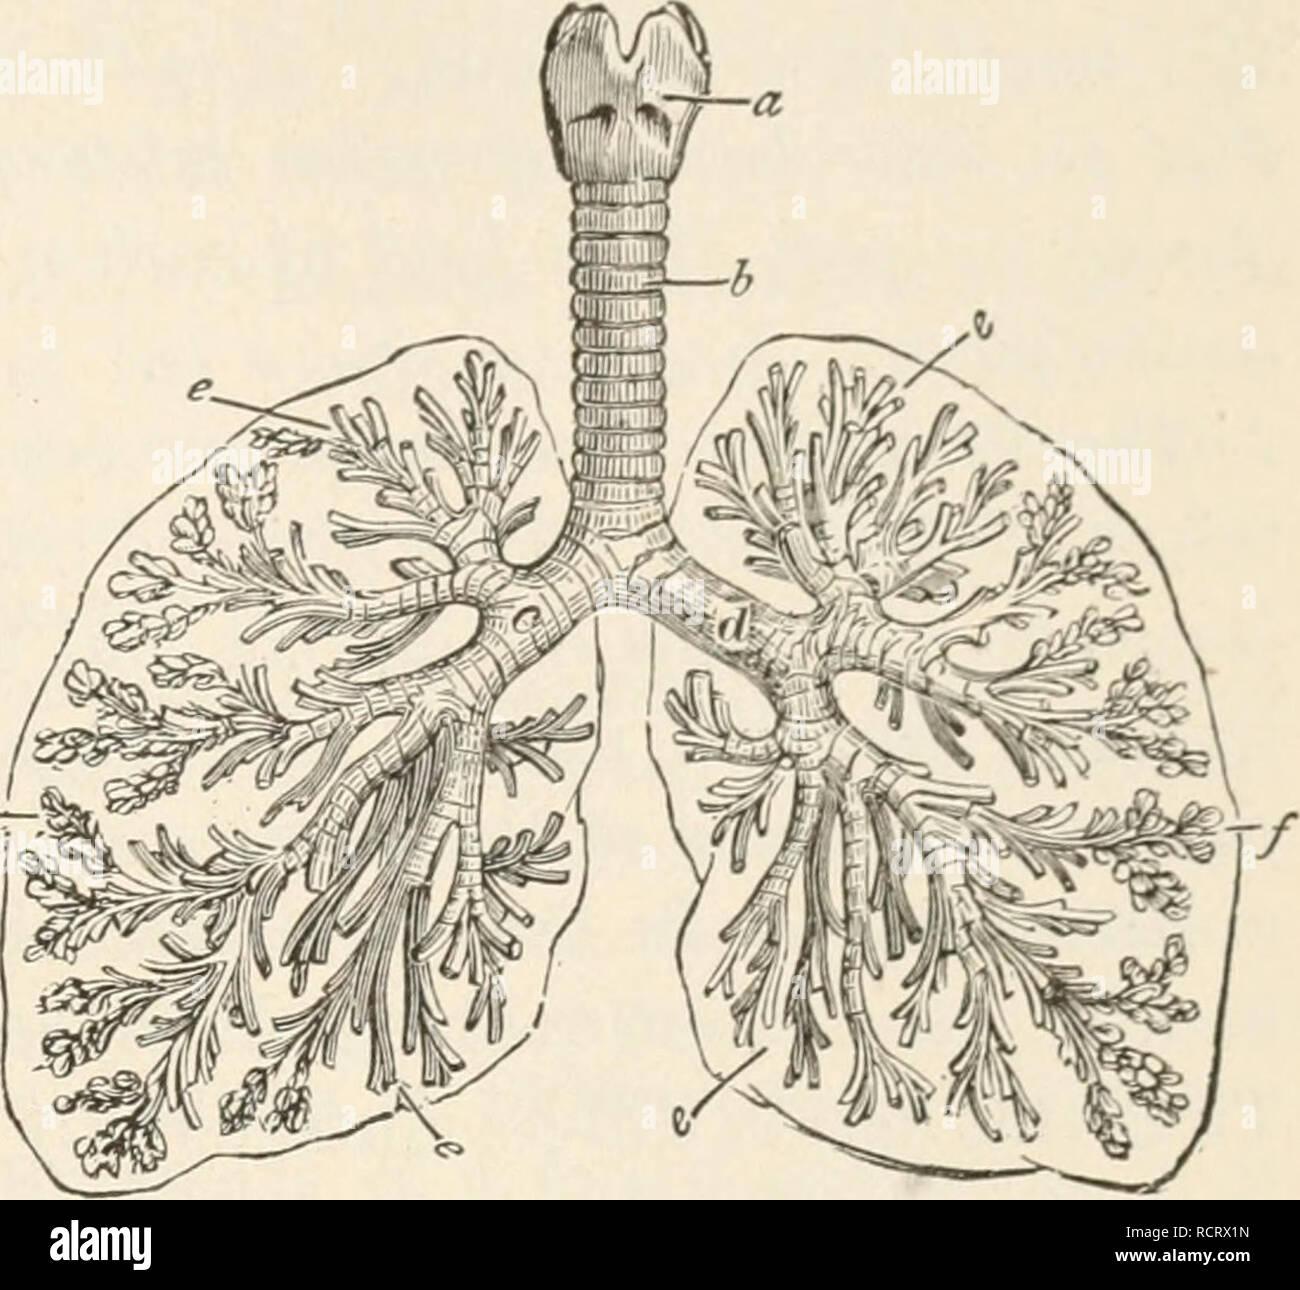 02c5fa5c79 . Elemente der Biologie; ein praktisches Lehrbuch Korrelation von Botanik,  Zoologie, und der menschlichen Physiologie. Biologie. Atmung ...